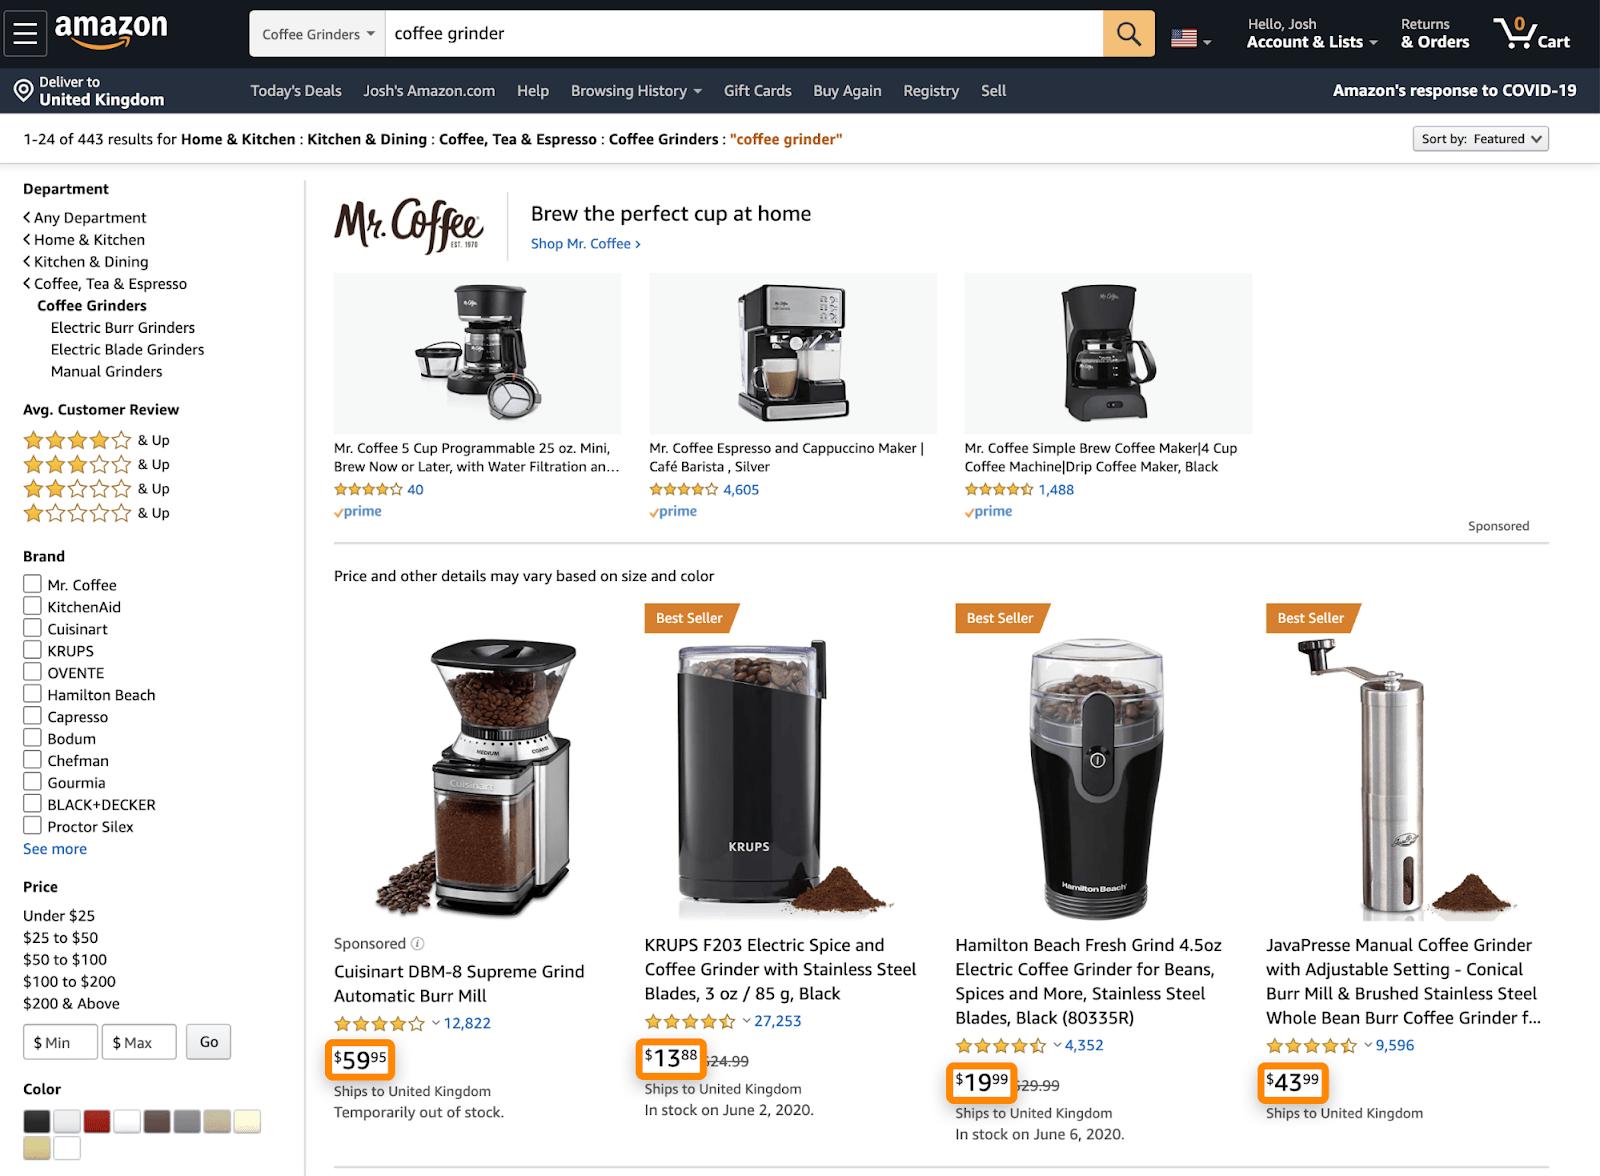 7 amazon product prices